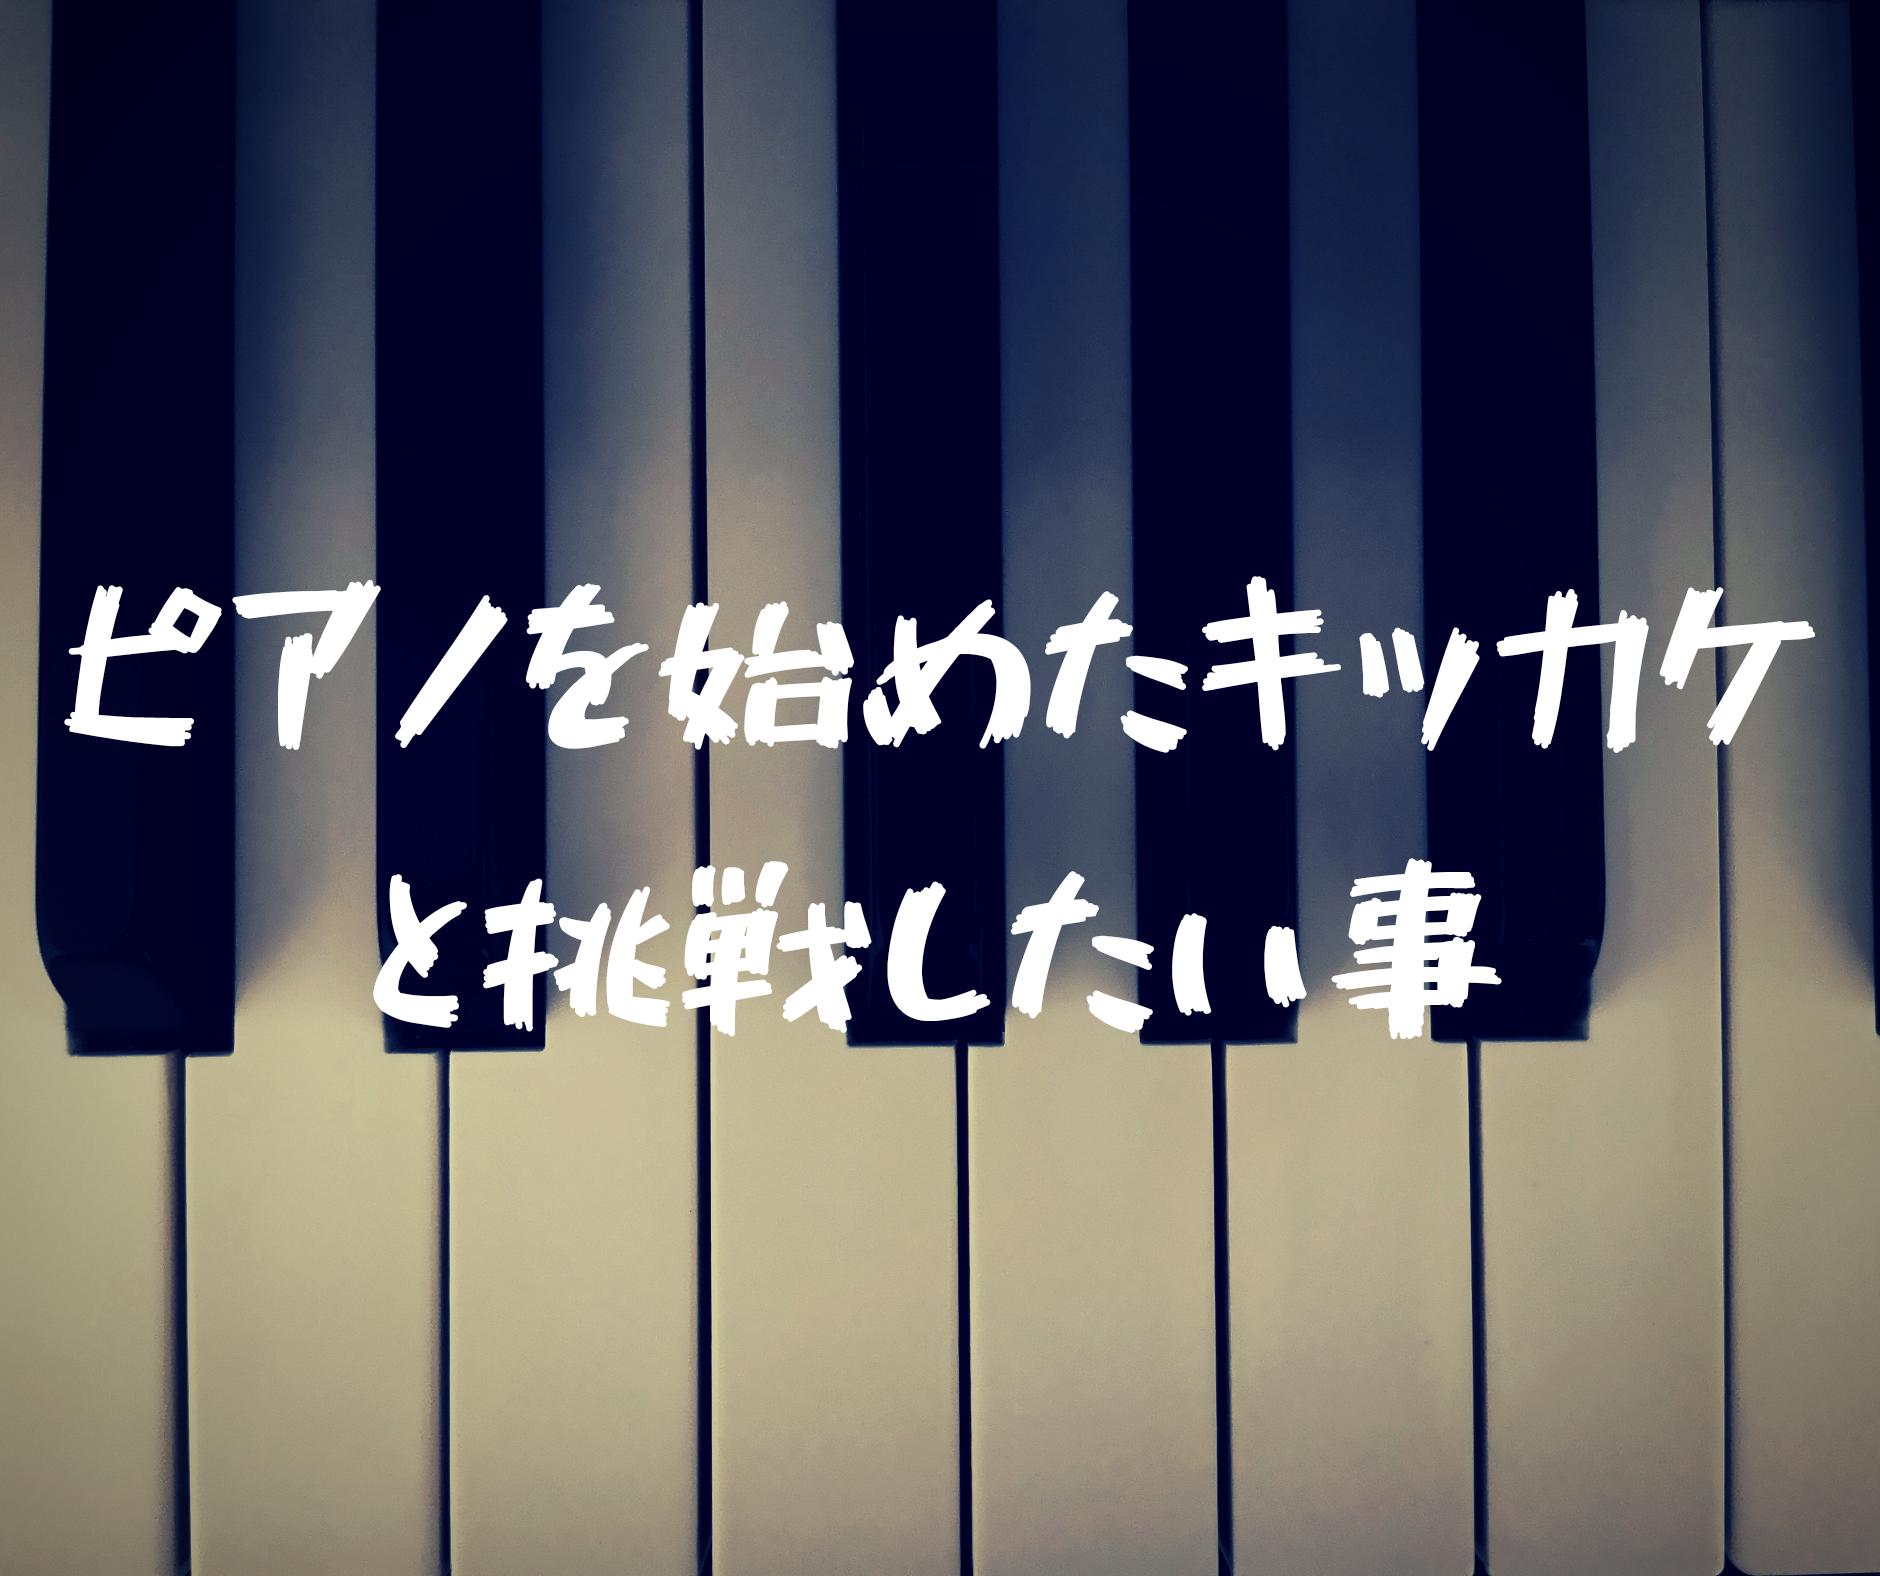 【大人からのピアノ】ピアノを始めたキッカケと挑戦してみたい事を語ってみる。